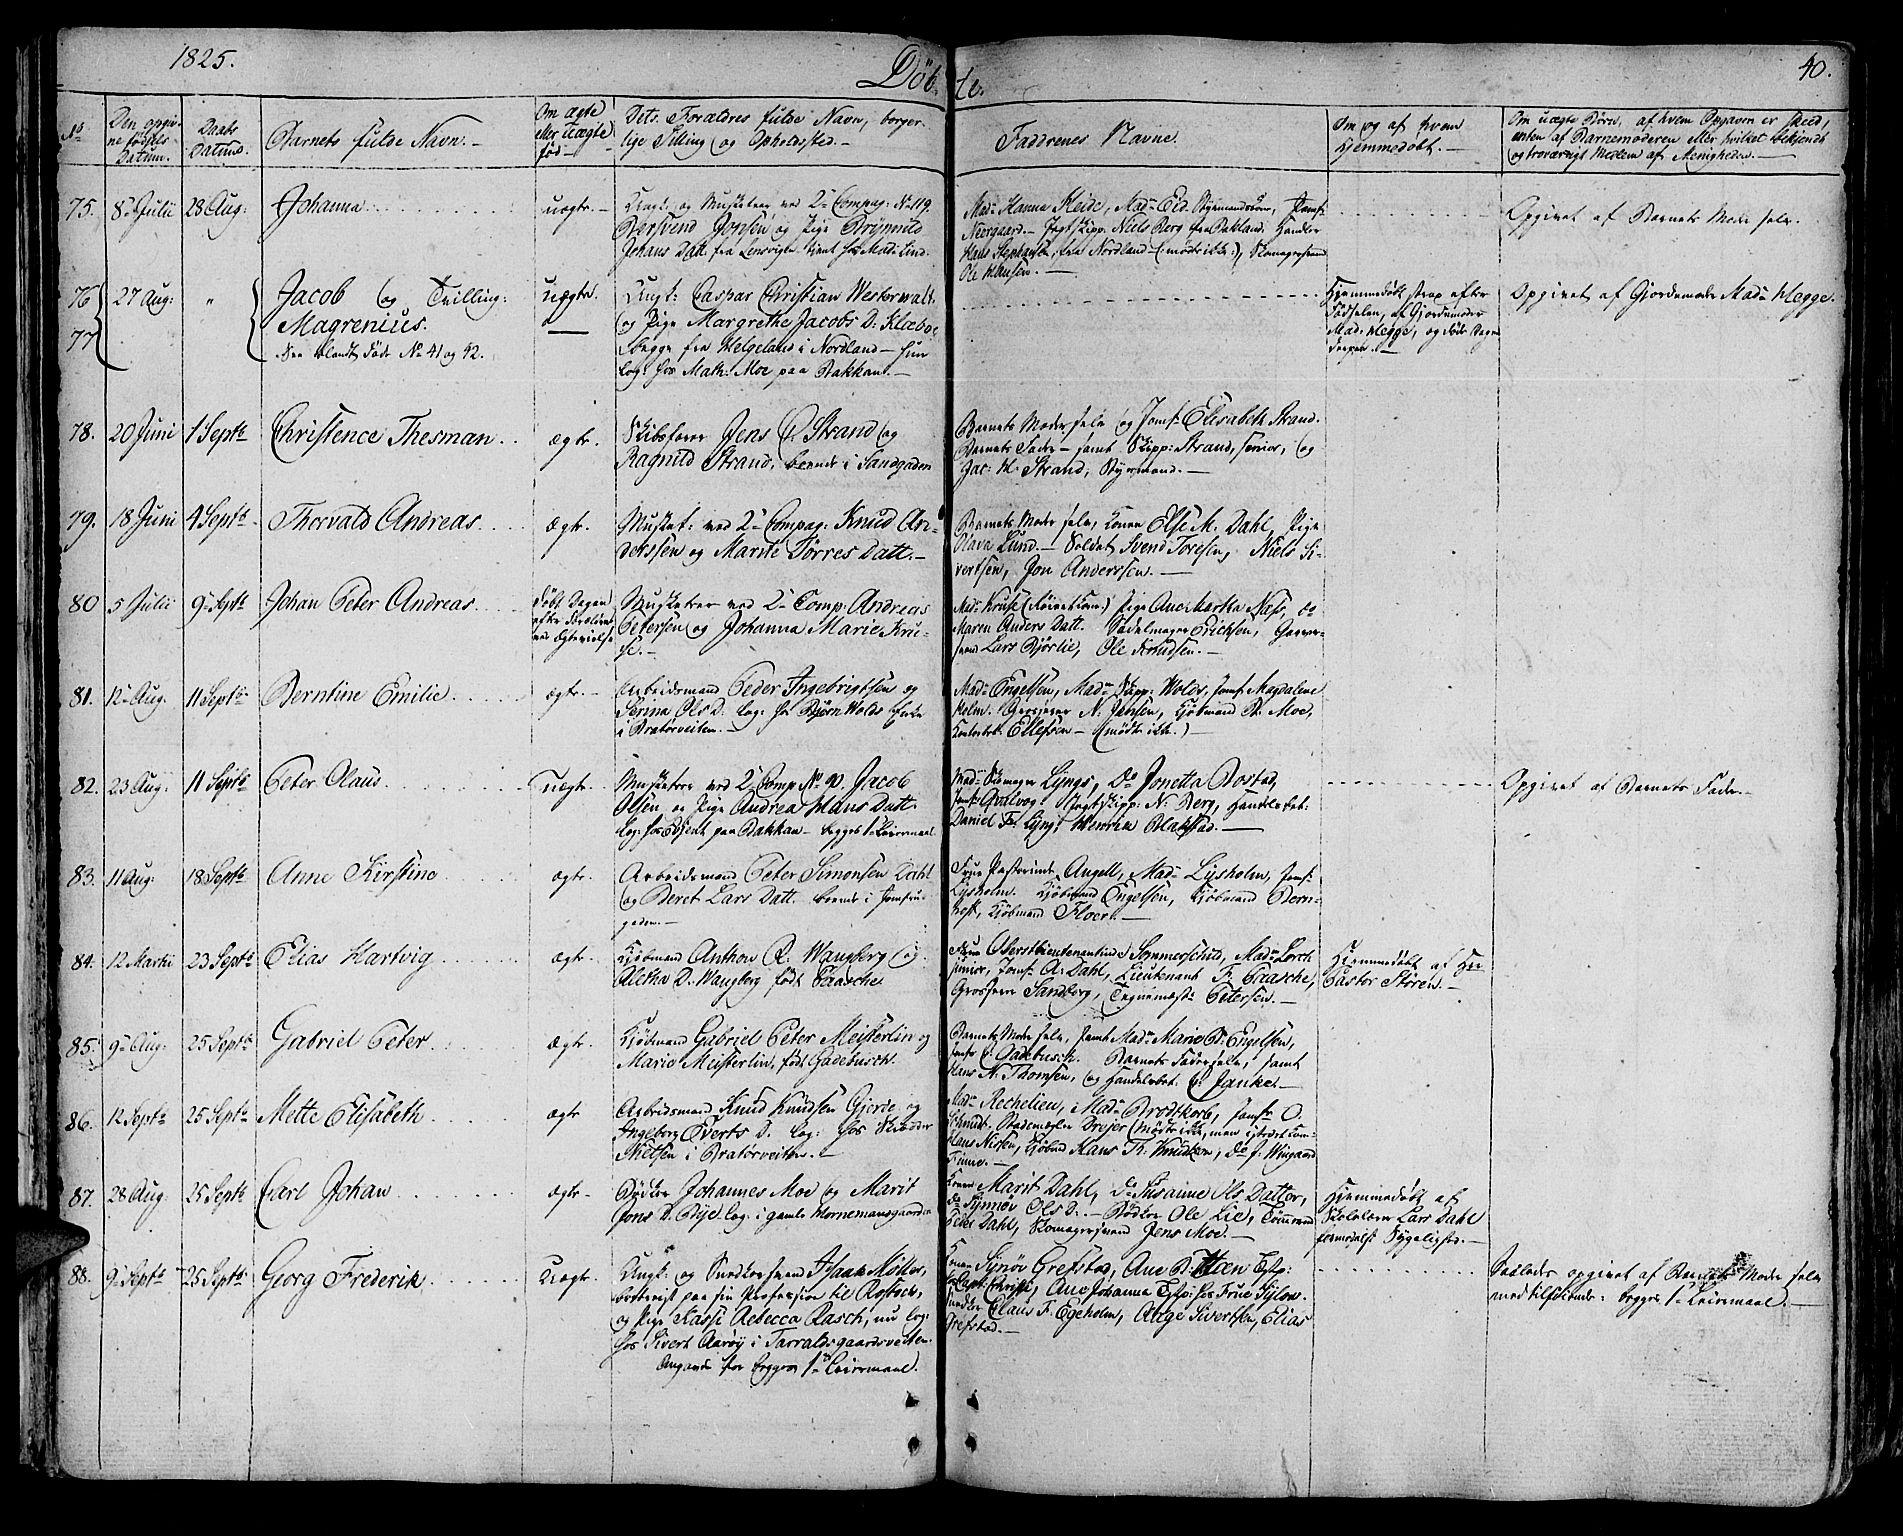 SAT, Ministerialprotokoller, klokkerbøker og fødselsregistre - Sør-Trøndelag, 602/L0108: Ministerialbok nr. 602A06, 1821-1839, s. 40